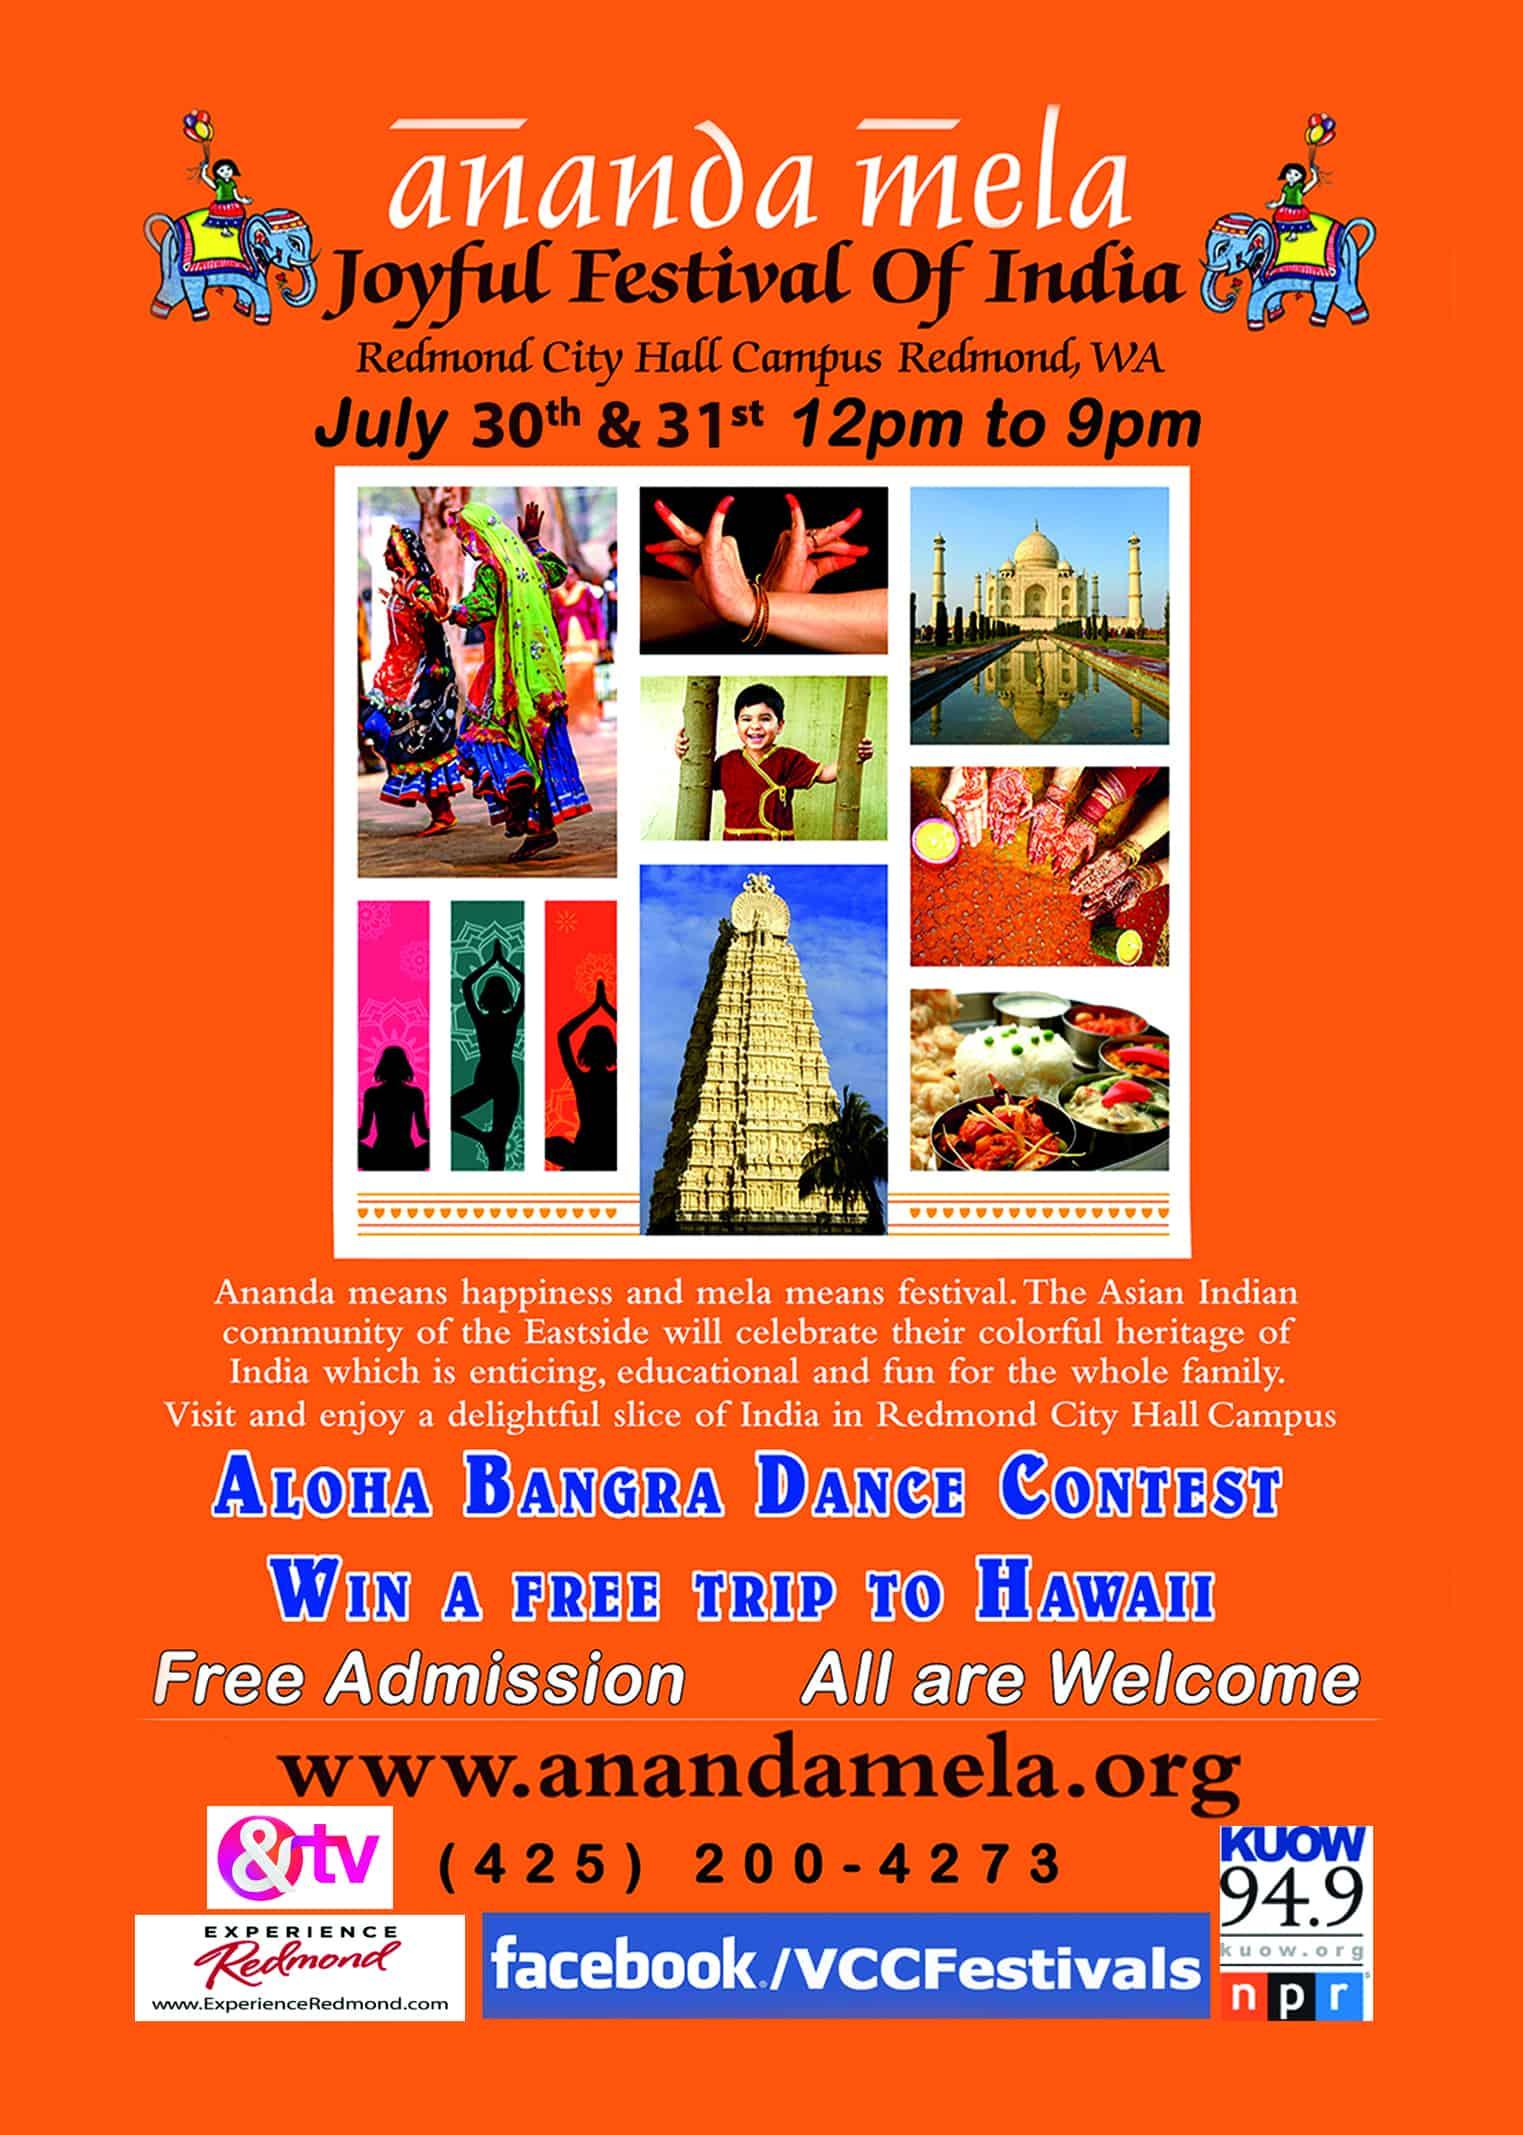 Anandamela Joyful Festival of India